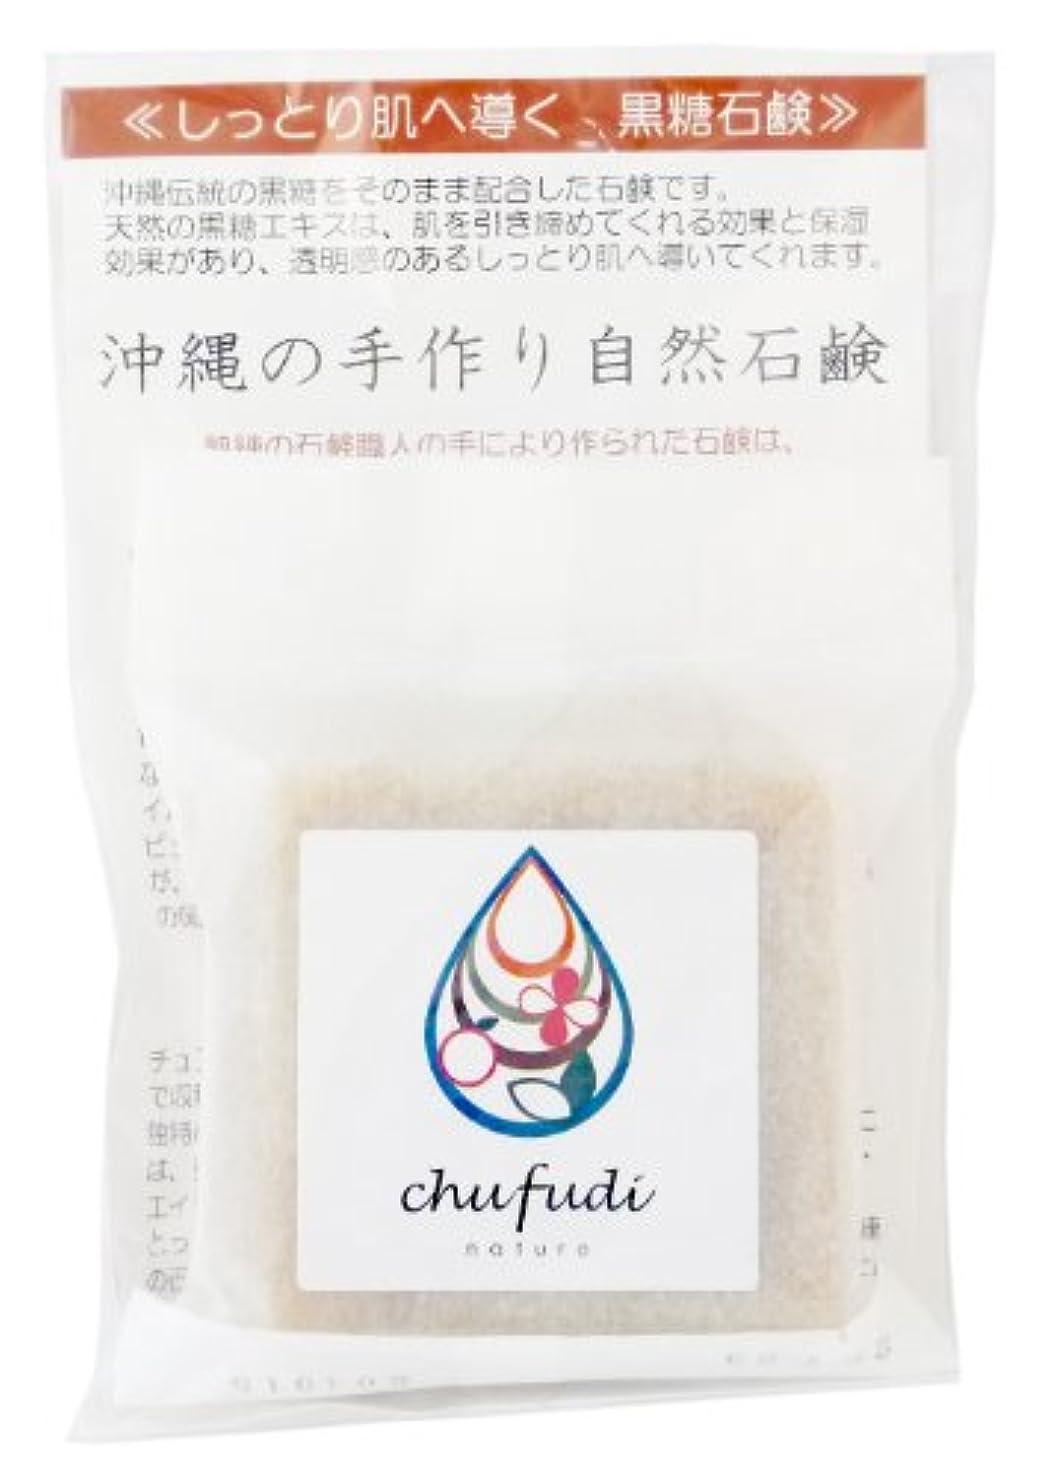 ピン祖先コインランドリーチュフディ ナチュール しっとり肌へ導く 沖縄原産 黒糖石鹸